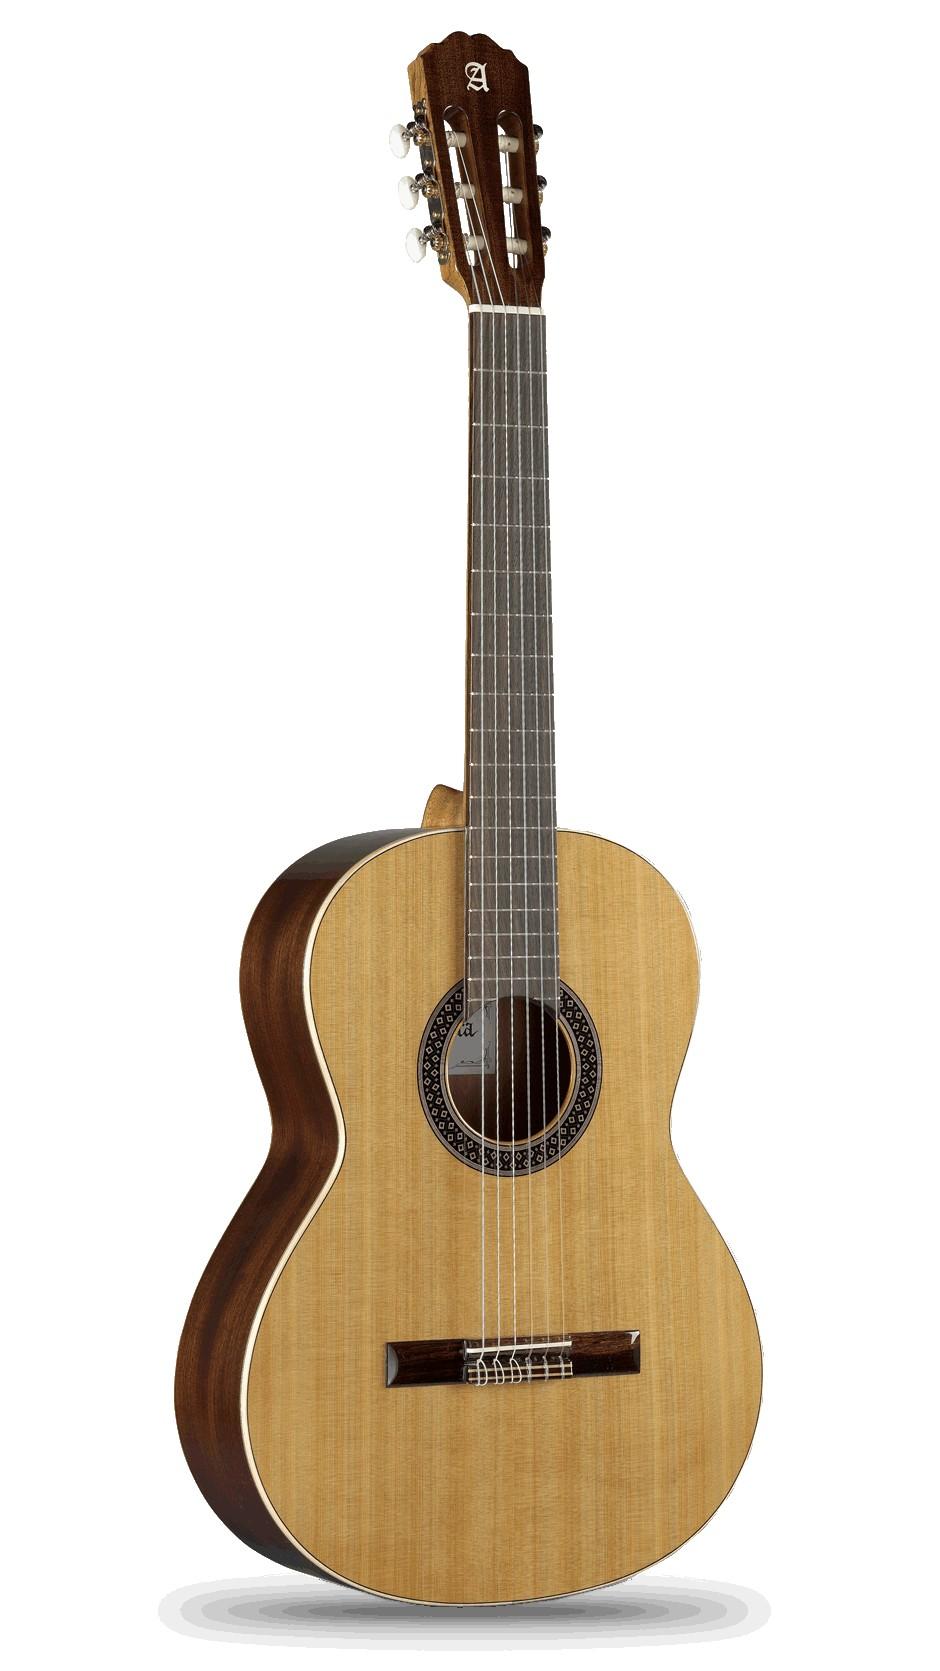 Alhambra 1C Guitare Classique